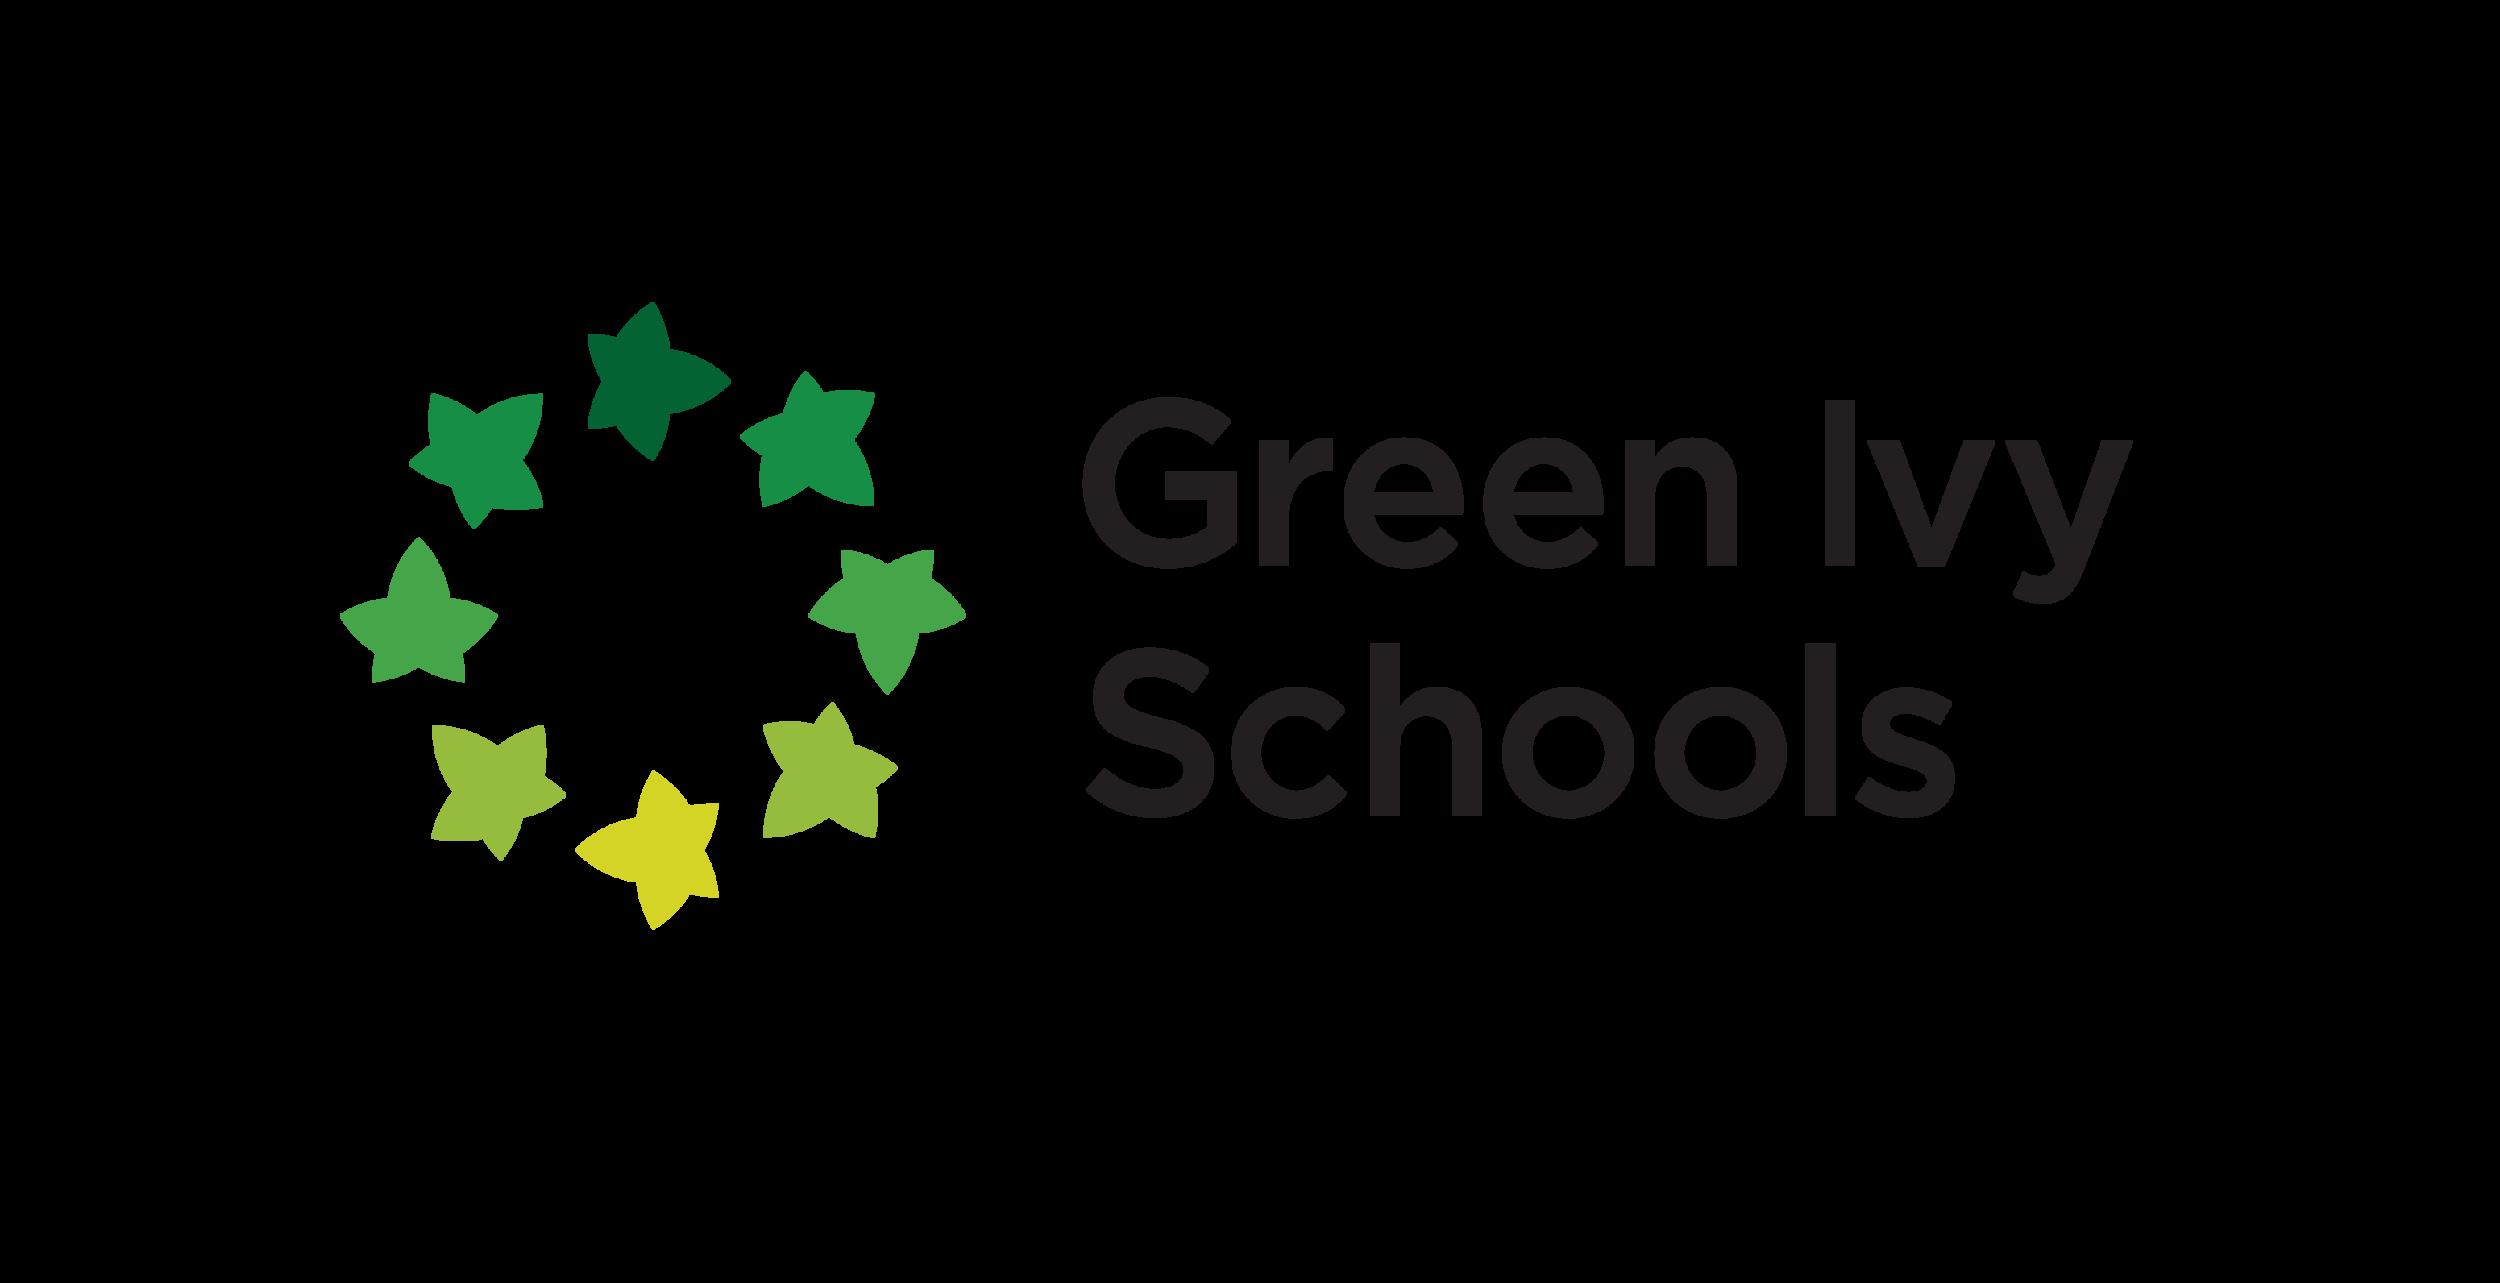 GreenIvySchools.png